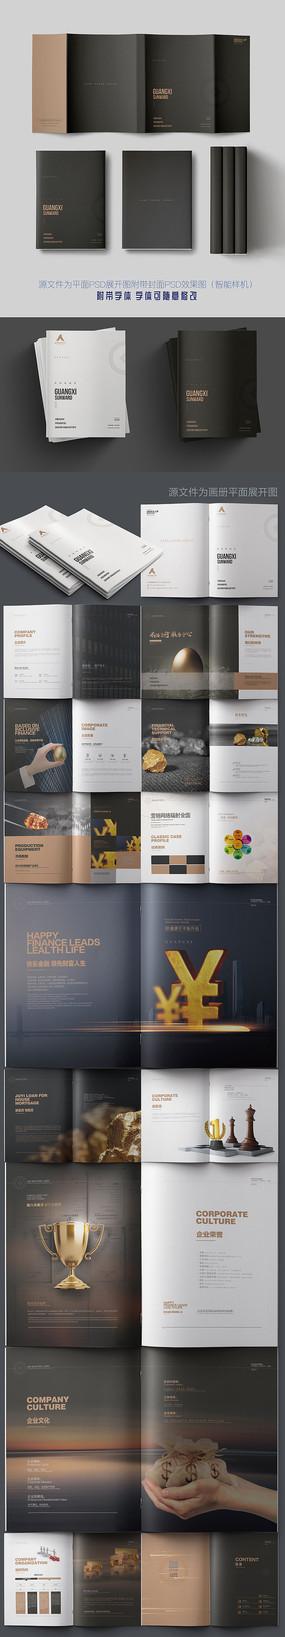 高端大气金融投资画册设计